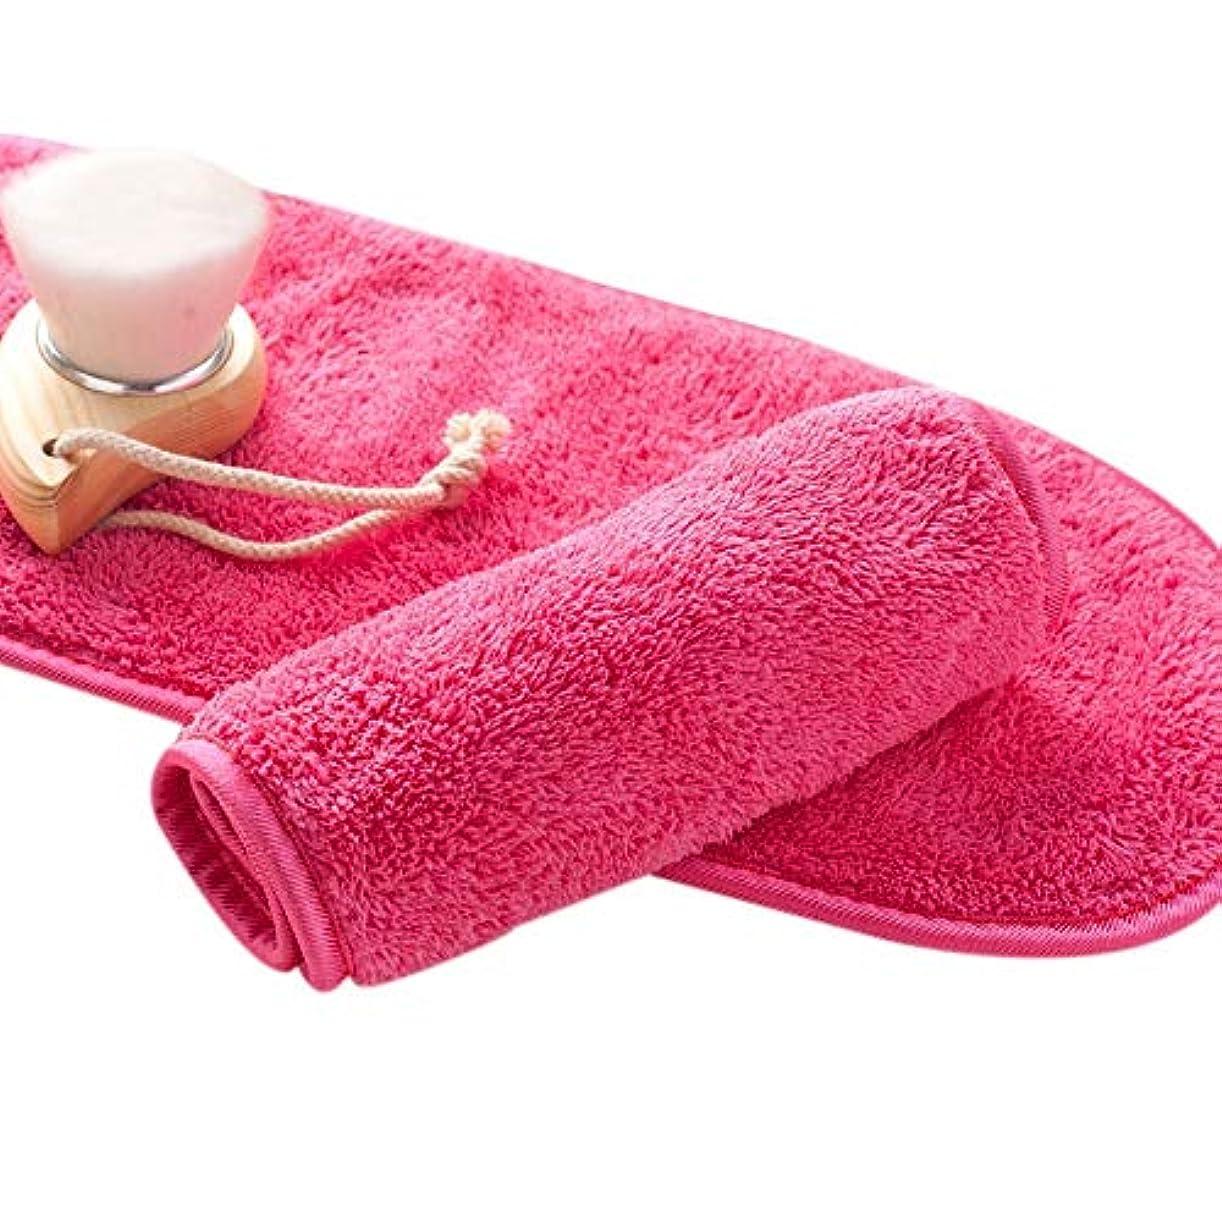 摂動配送解決TOOGOO ナチュラル抗菌保護 メイク落とし クレンジング美容ウォッシュツール 再利用可能なマイクロファイバーのフェイシャルクロス 顔用タオル